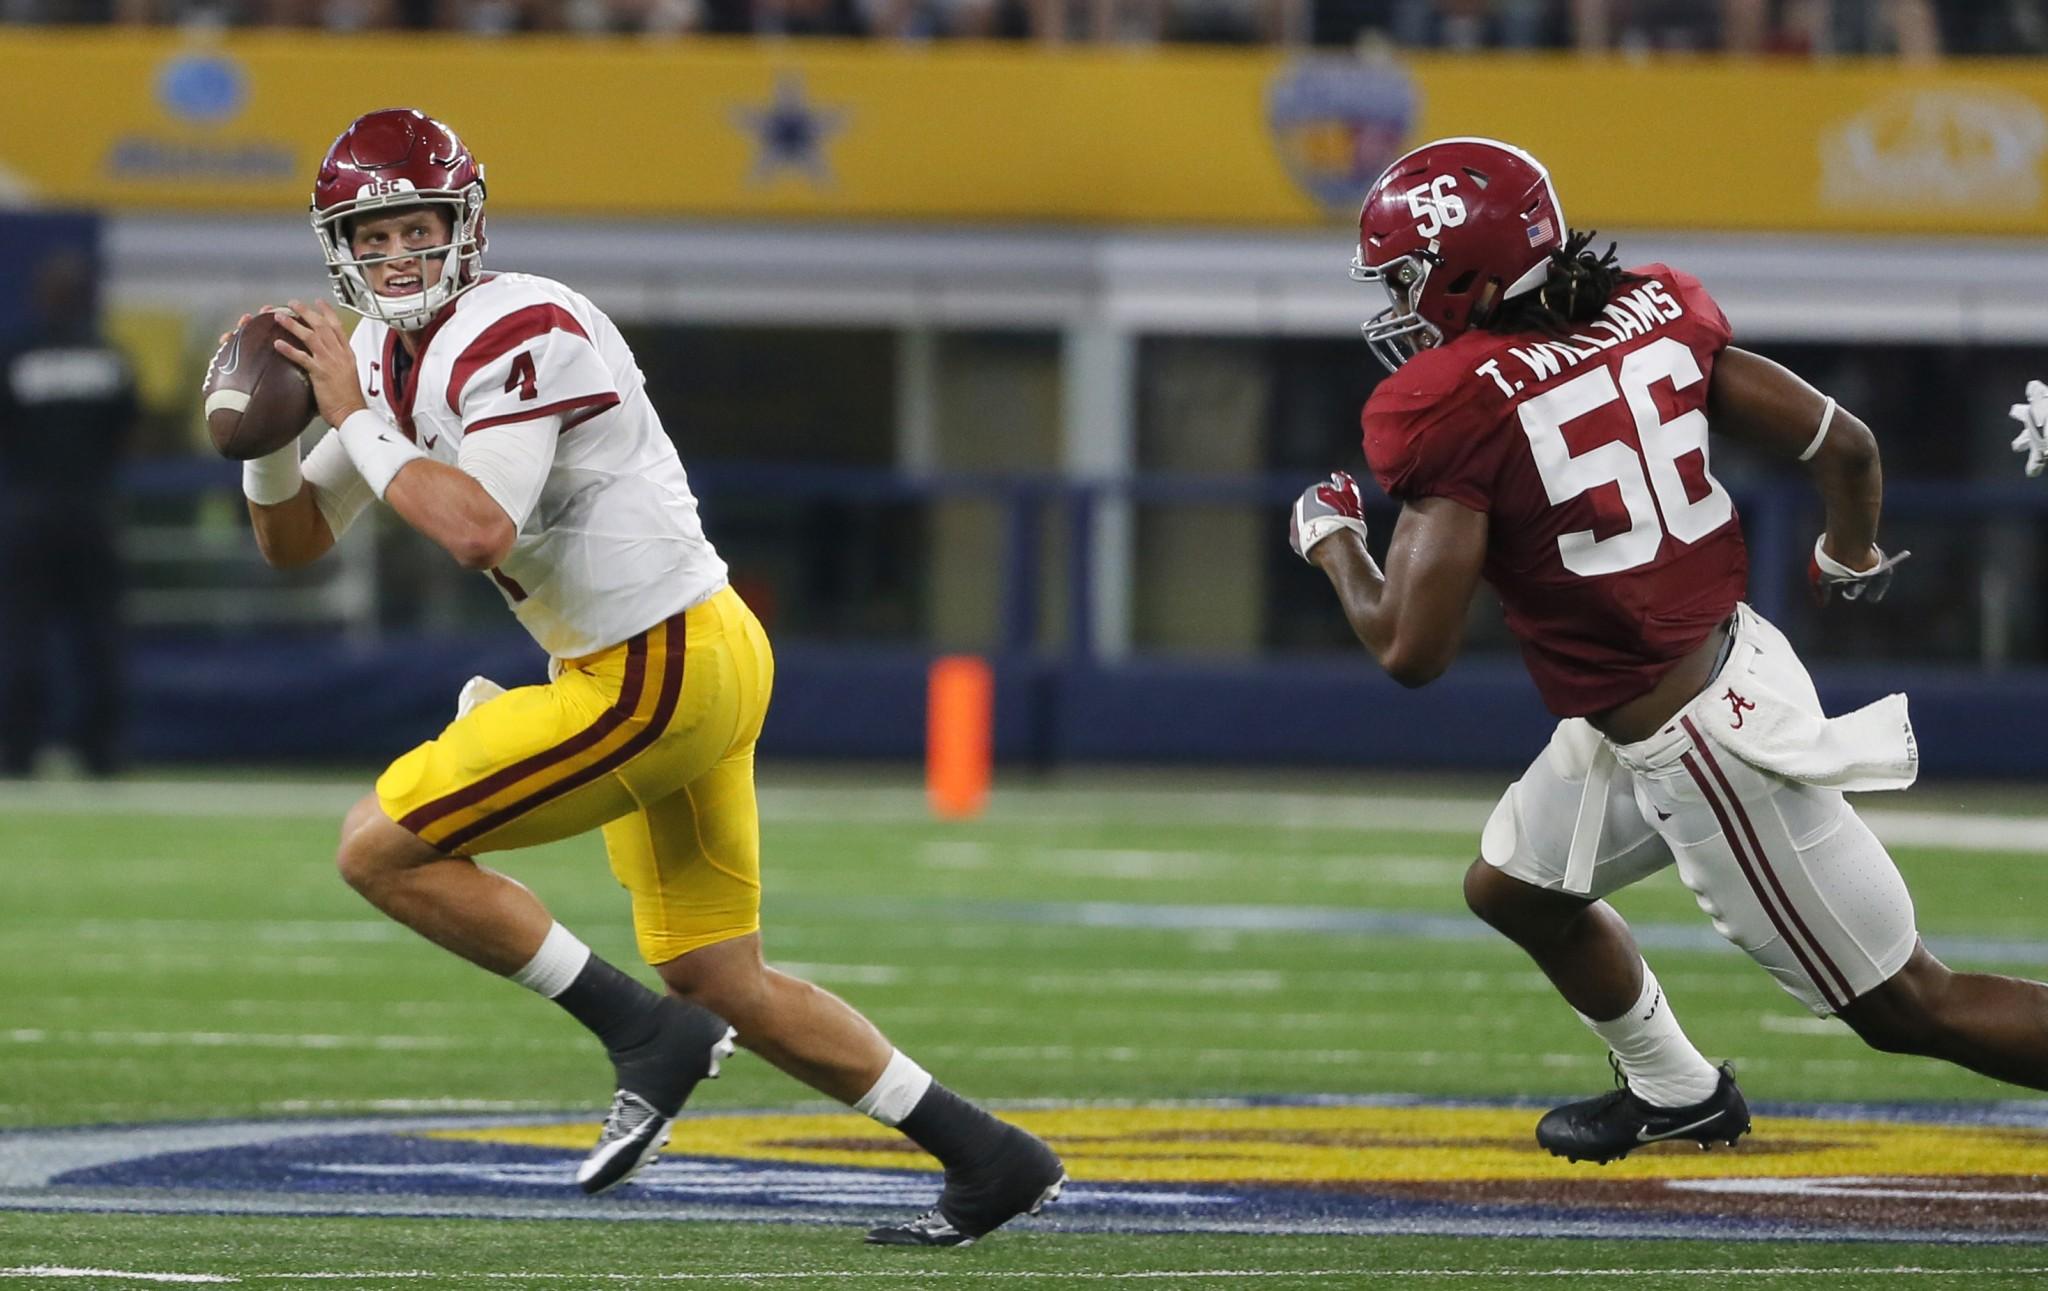 Alabama linebacker Tim Williams had 10.5 sacks in 2015. (AP Photo/Tony Gutierrez)